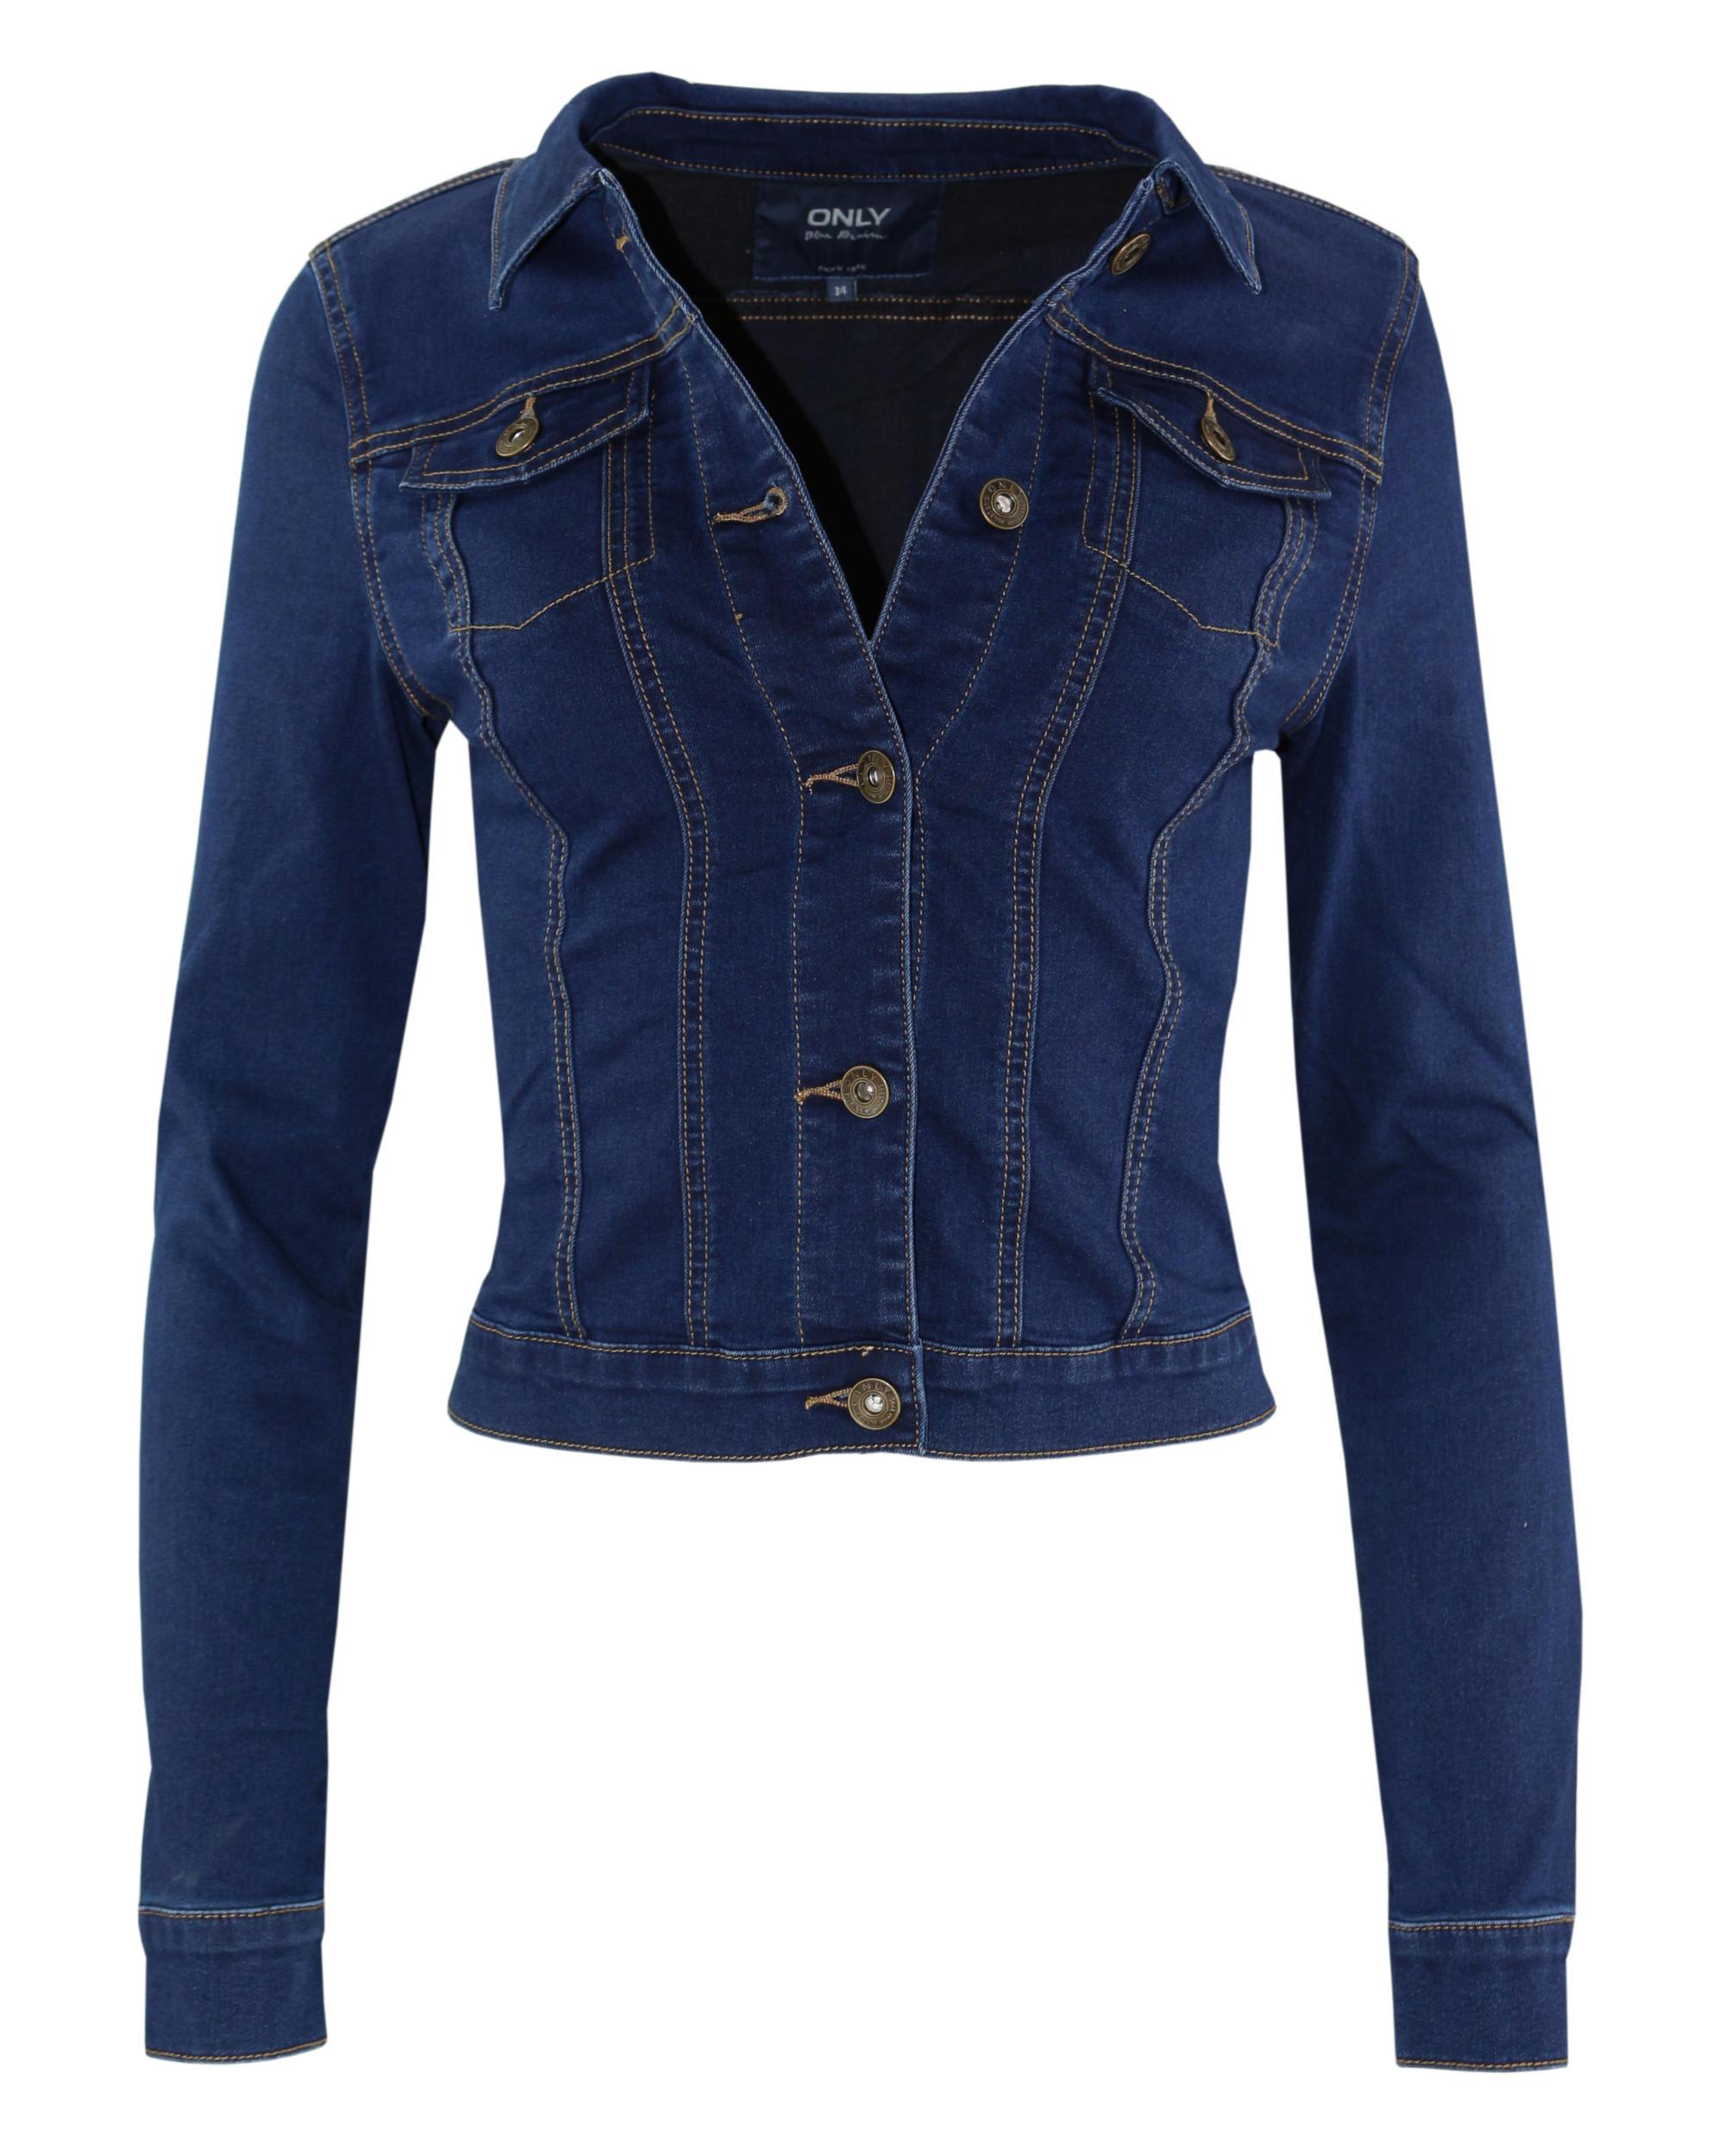 only damen jeansjacke jacke darcy stretch jacket bj7988. Black Bedroom Furniture Sets. Home Design Ideas